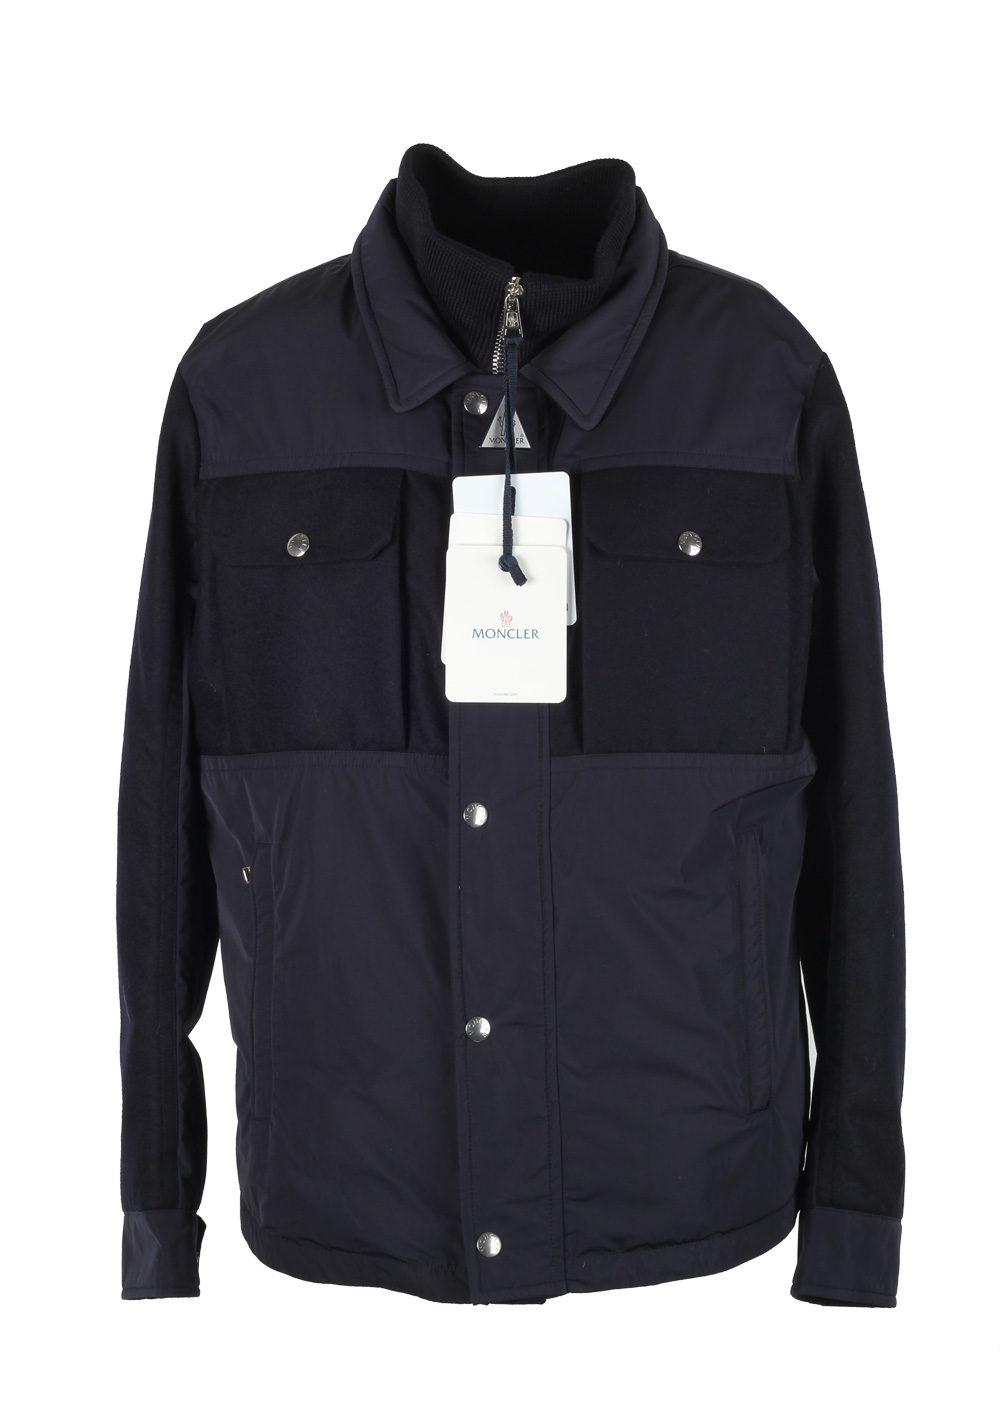 Moncler Blue Beaufort Utility Jacket Coat Size 6 / XXL / 56 / 46R U.S. | Costume Limité